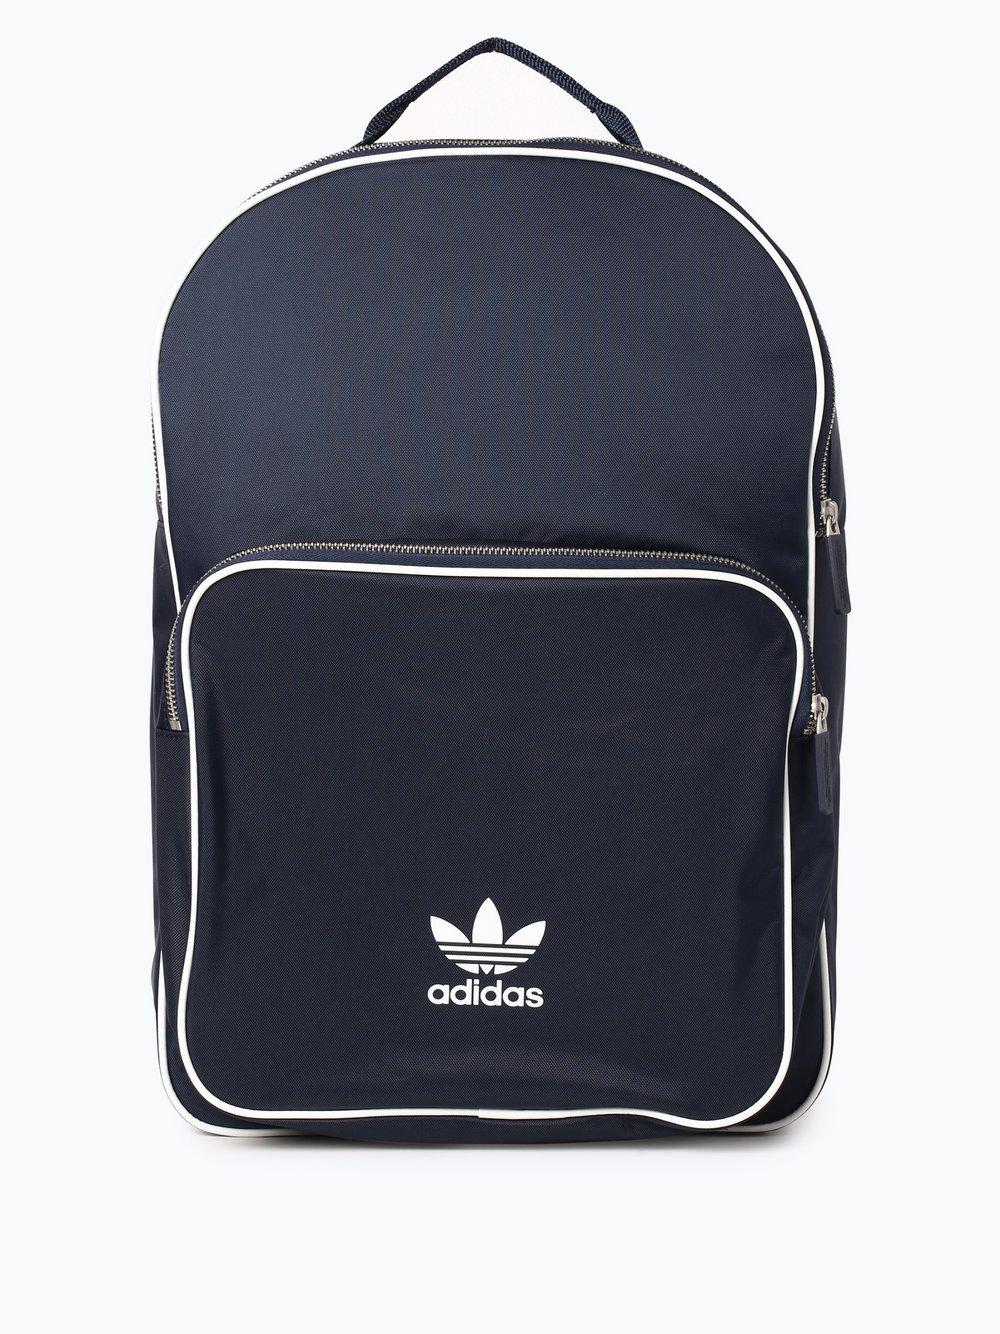 adidas Originals Herren Rucksack online kaufen | VANGRAAF.COM